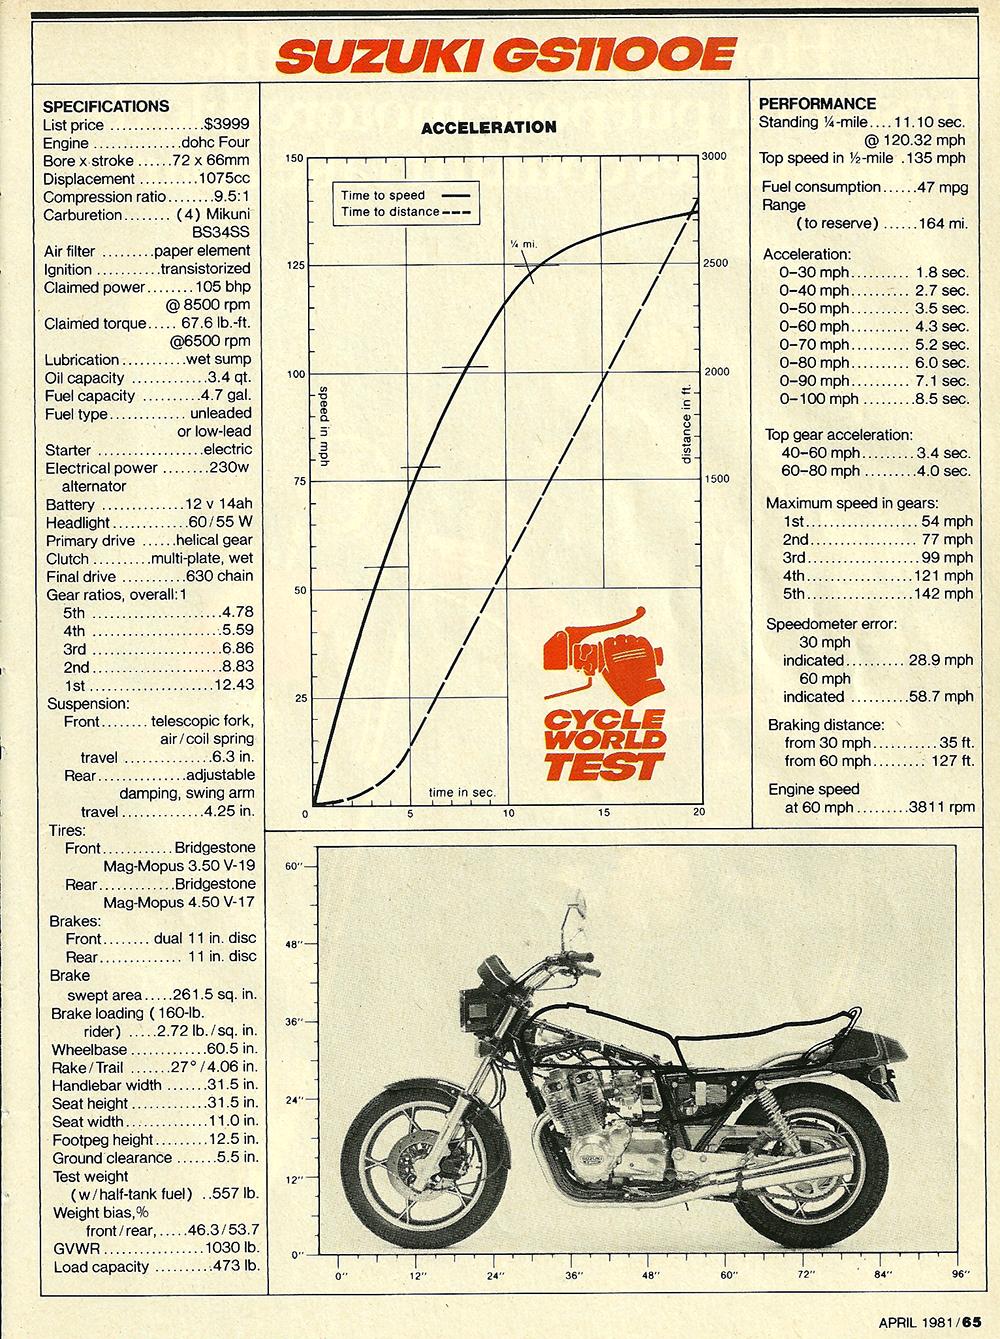 1981 Suzuki GS1100E road test 5.jpg